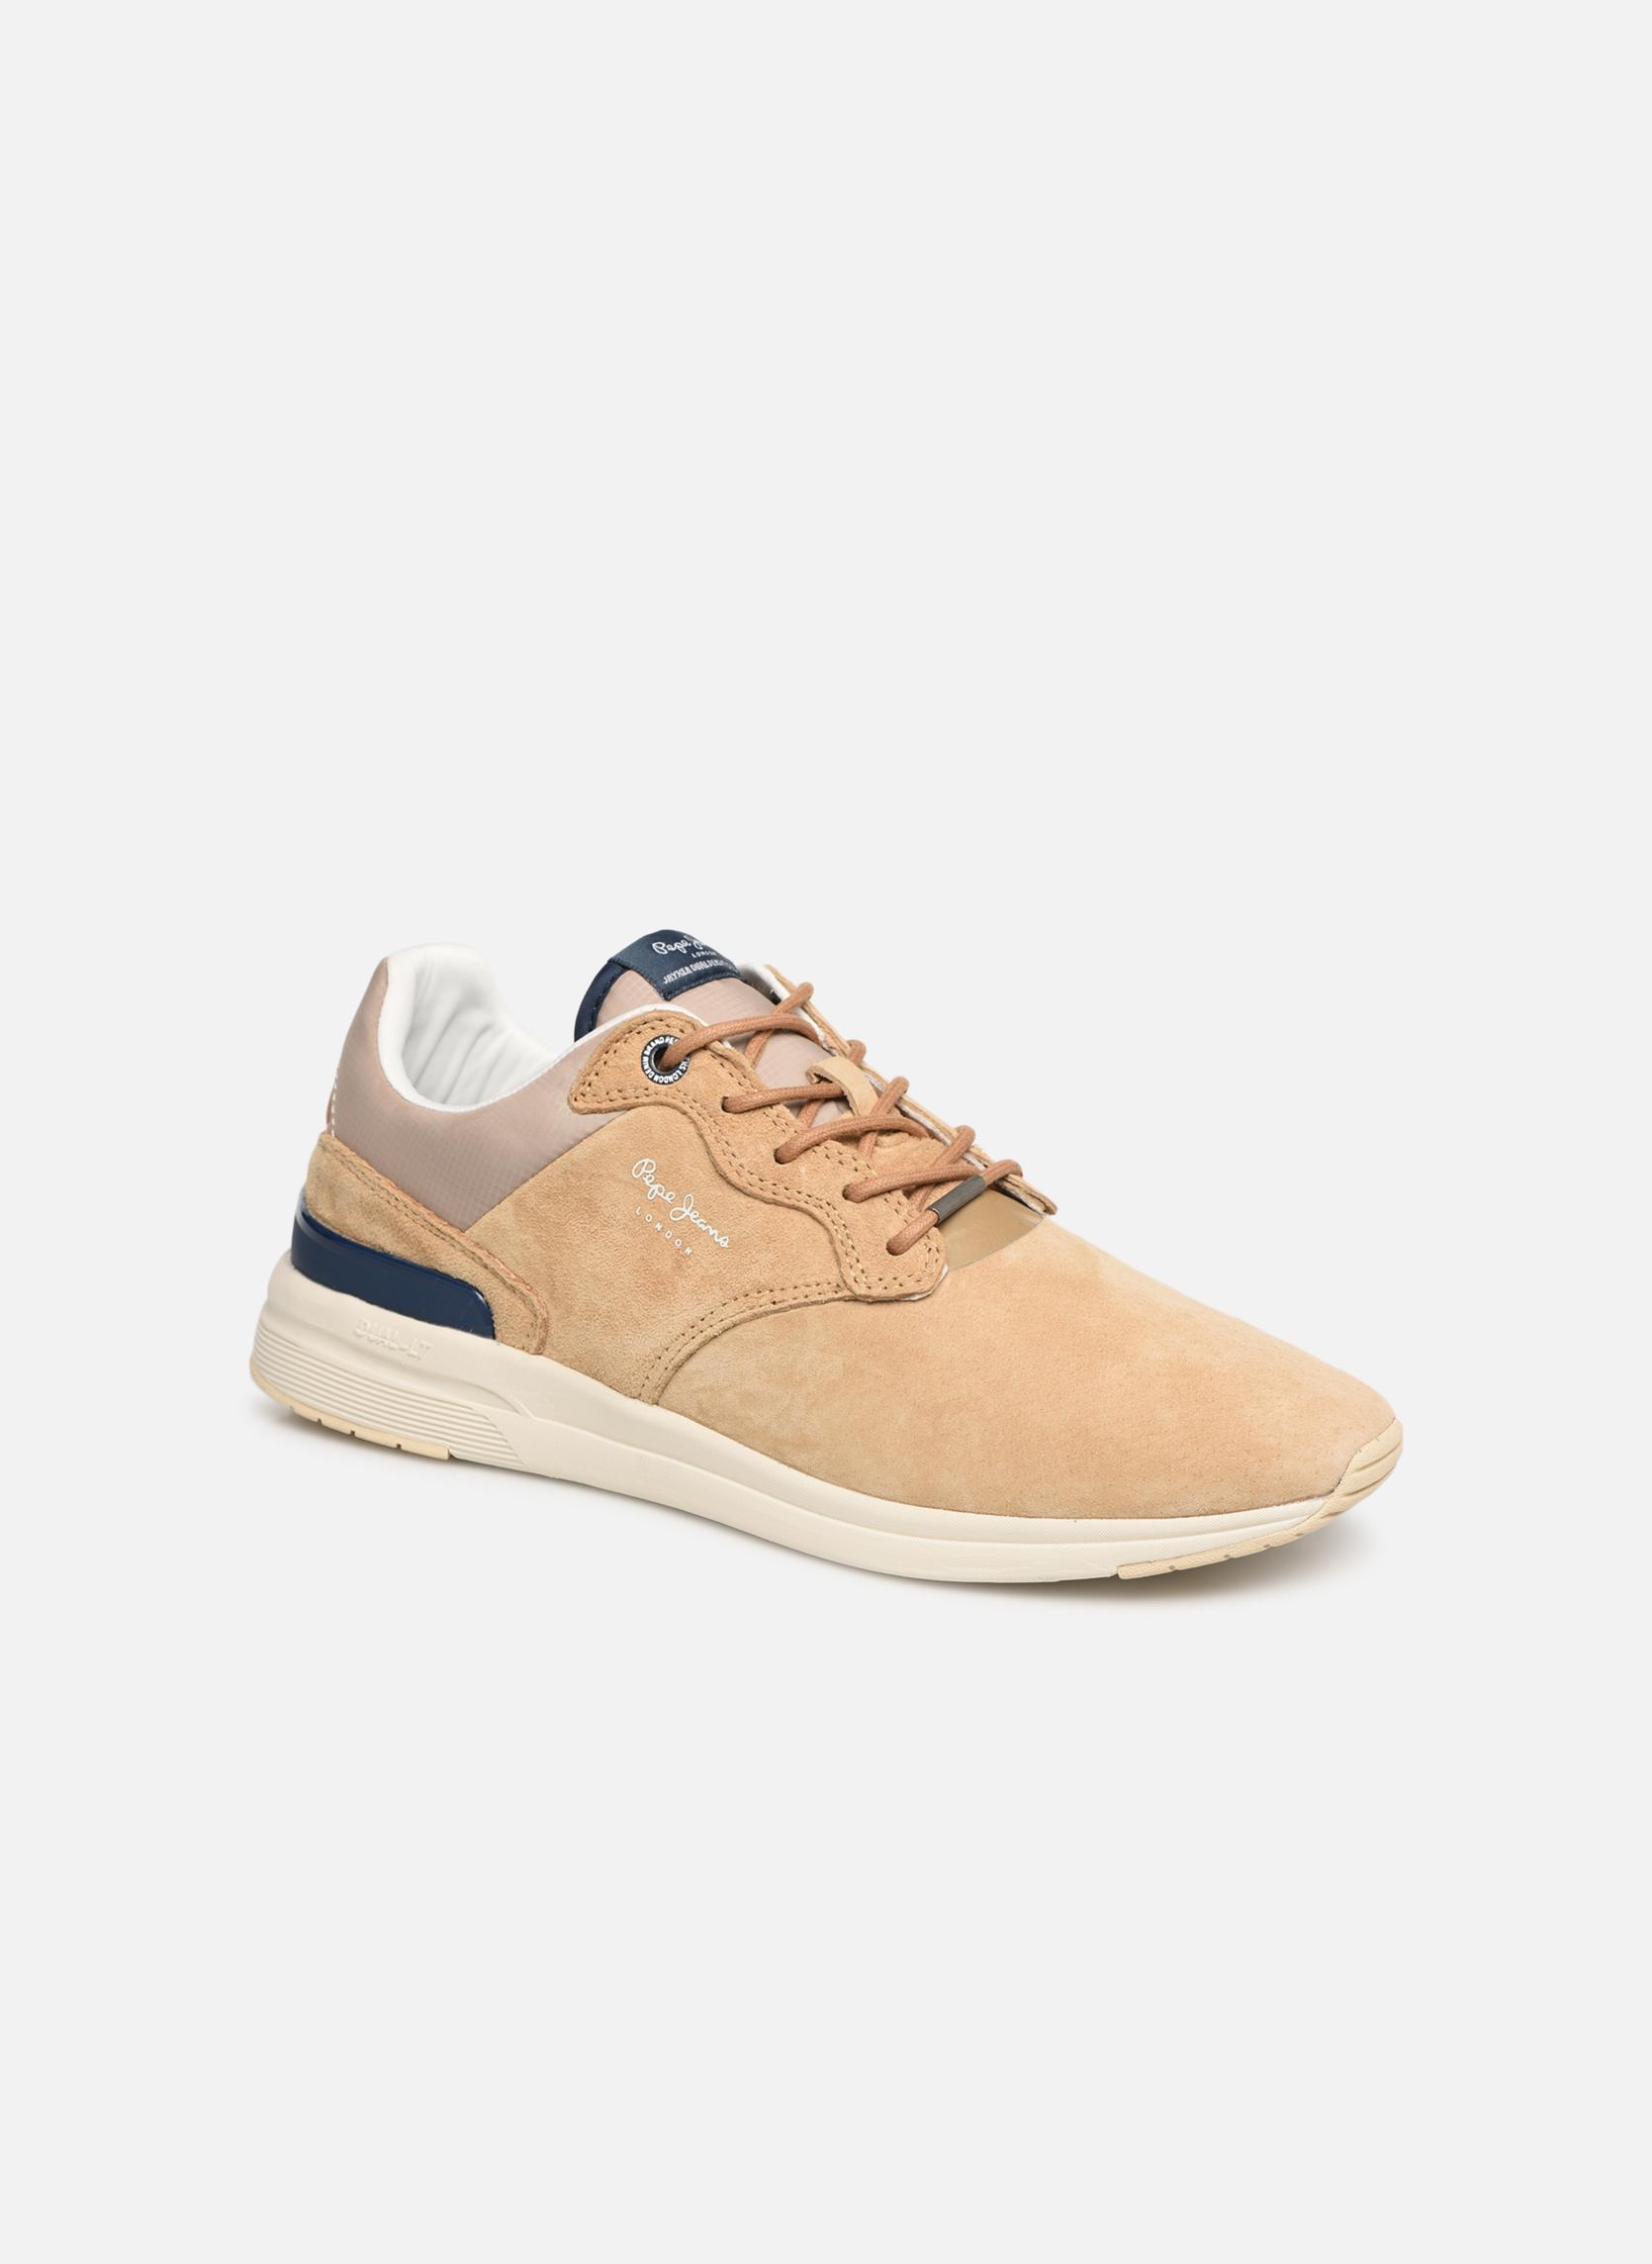 Sneakers Pepe jeans Beige